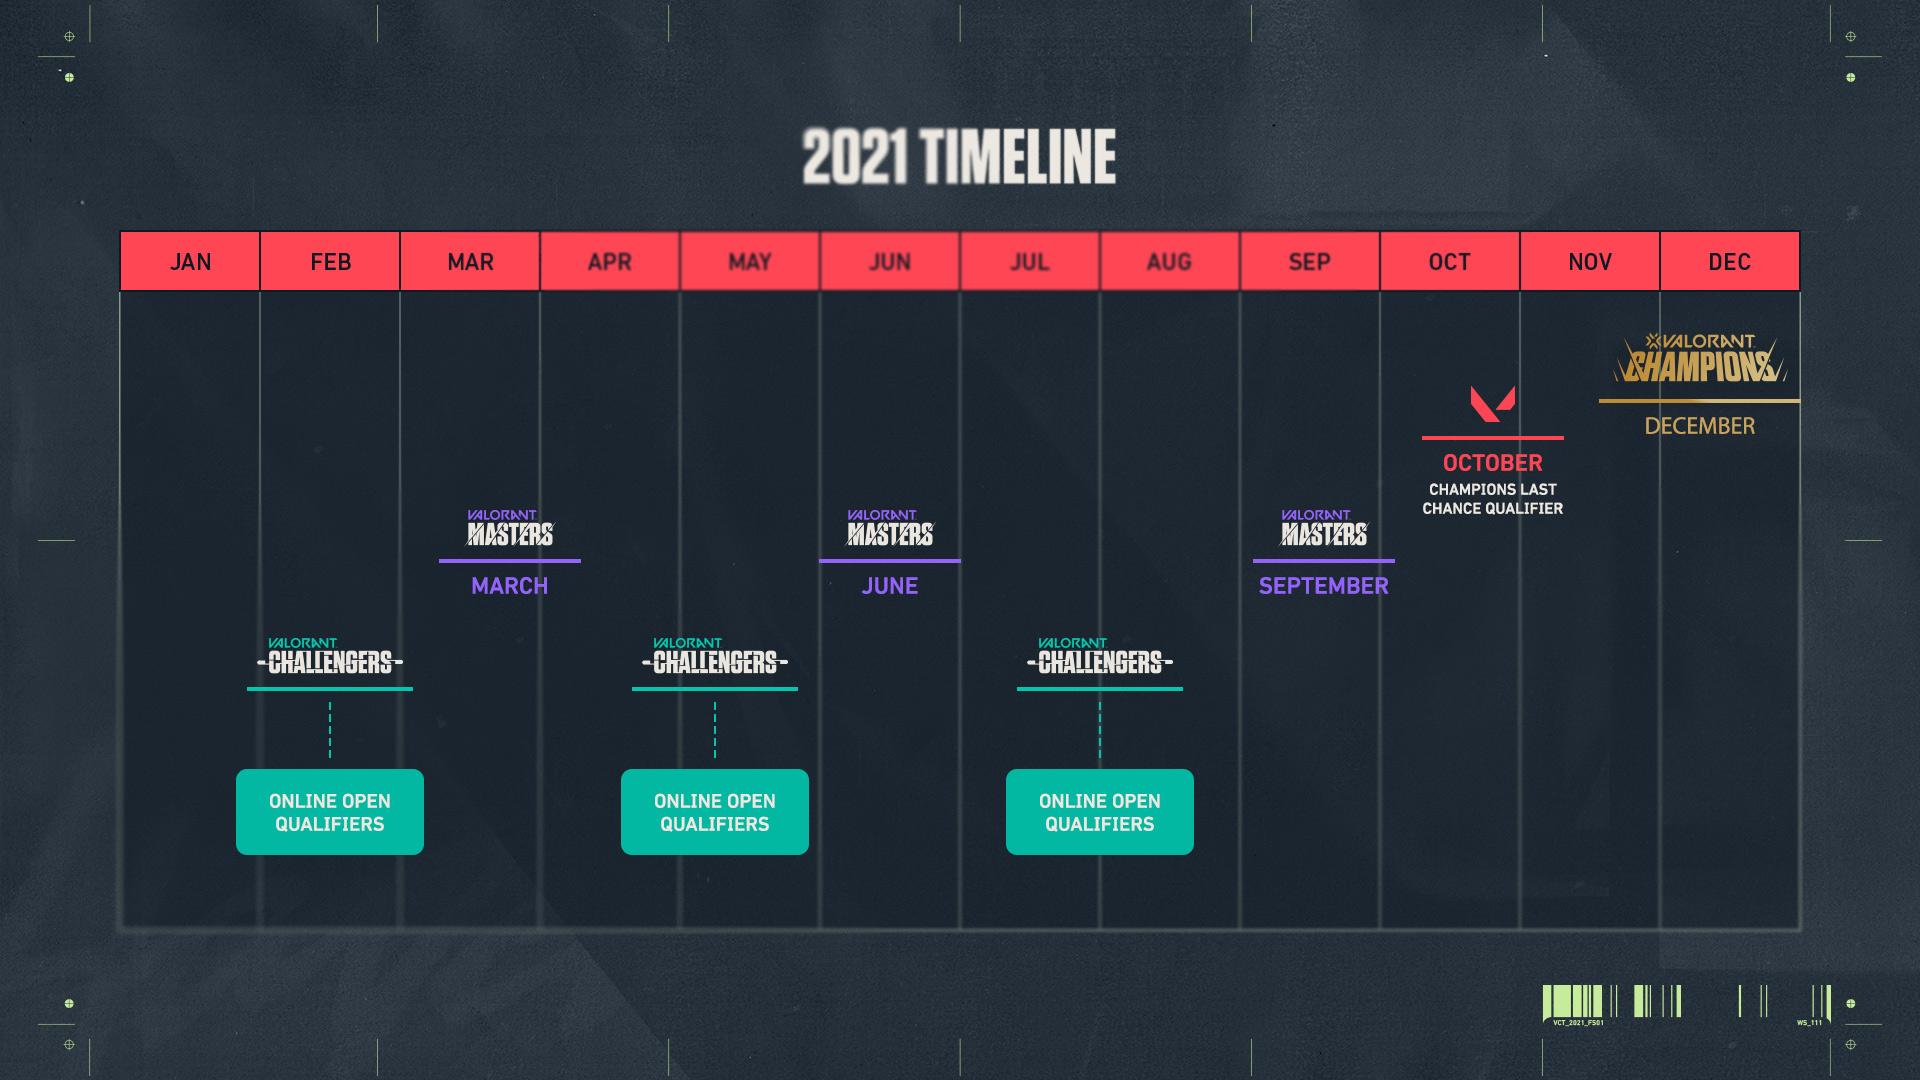 02-timeline-v1.1.jpg